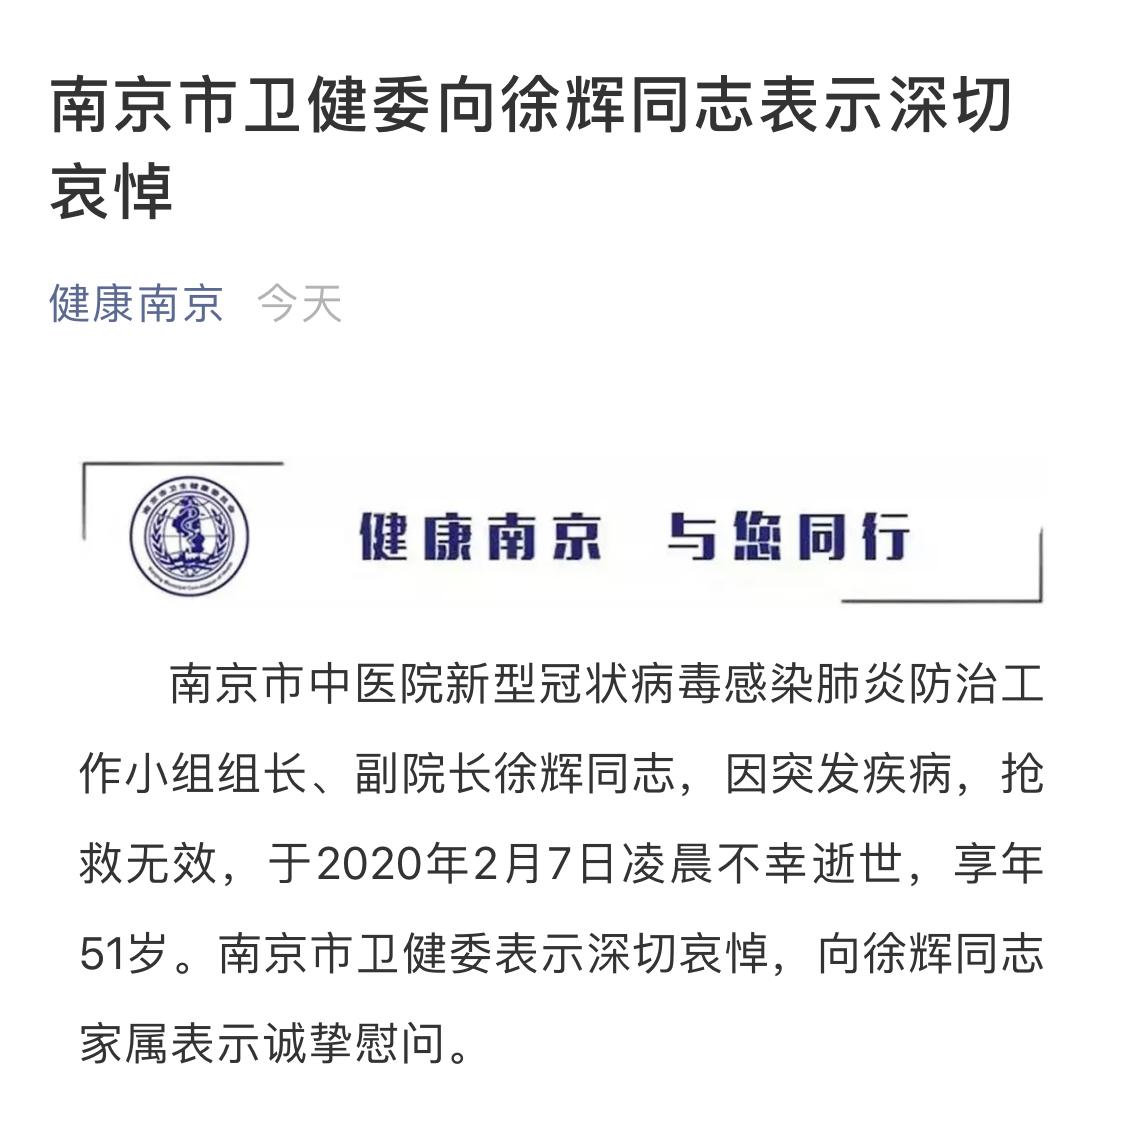 南京抗疫女医生徐辉突发疾病逝世!至少已有7位医护人员殉职